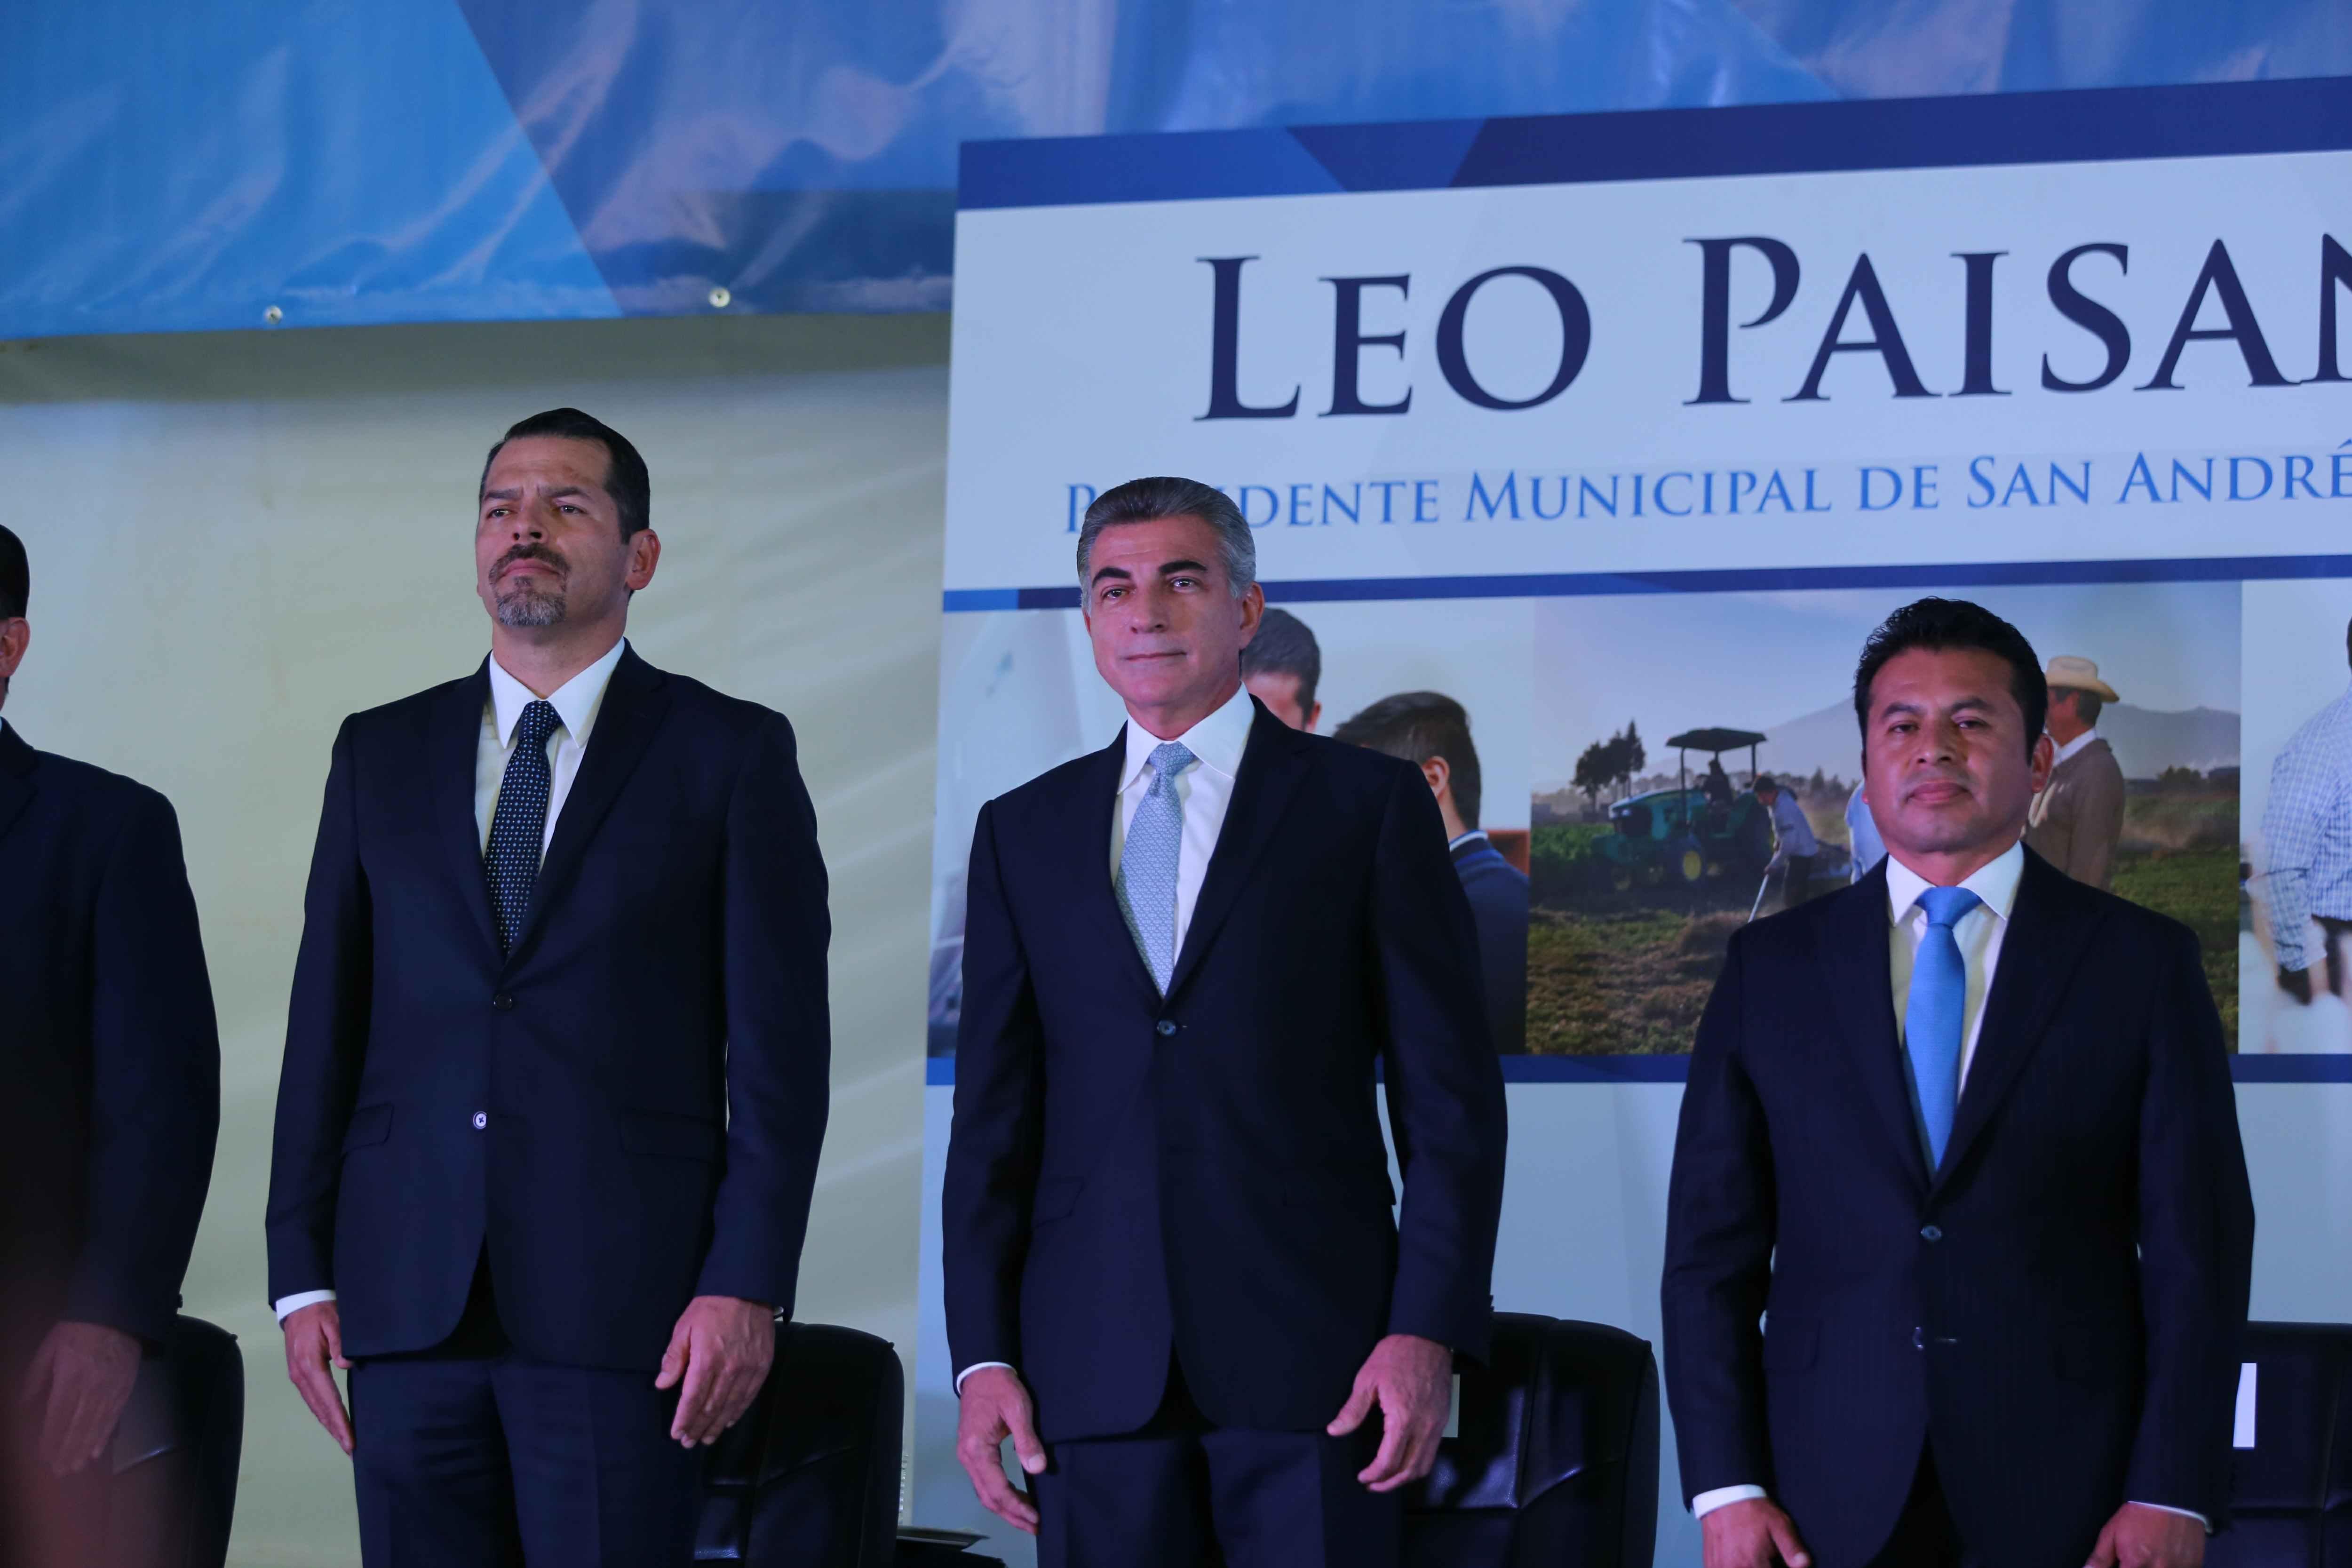 Gali acompaña a Leoncio Paisano  en su cuarto informe de labores